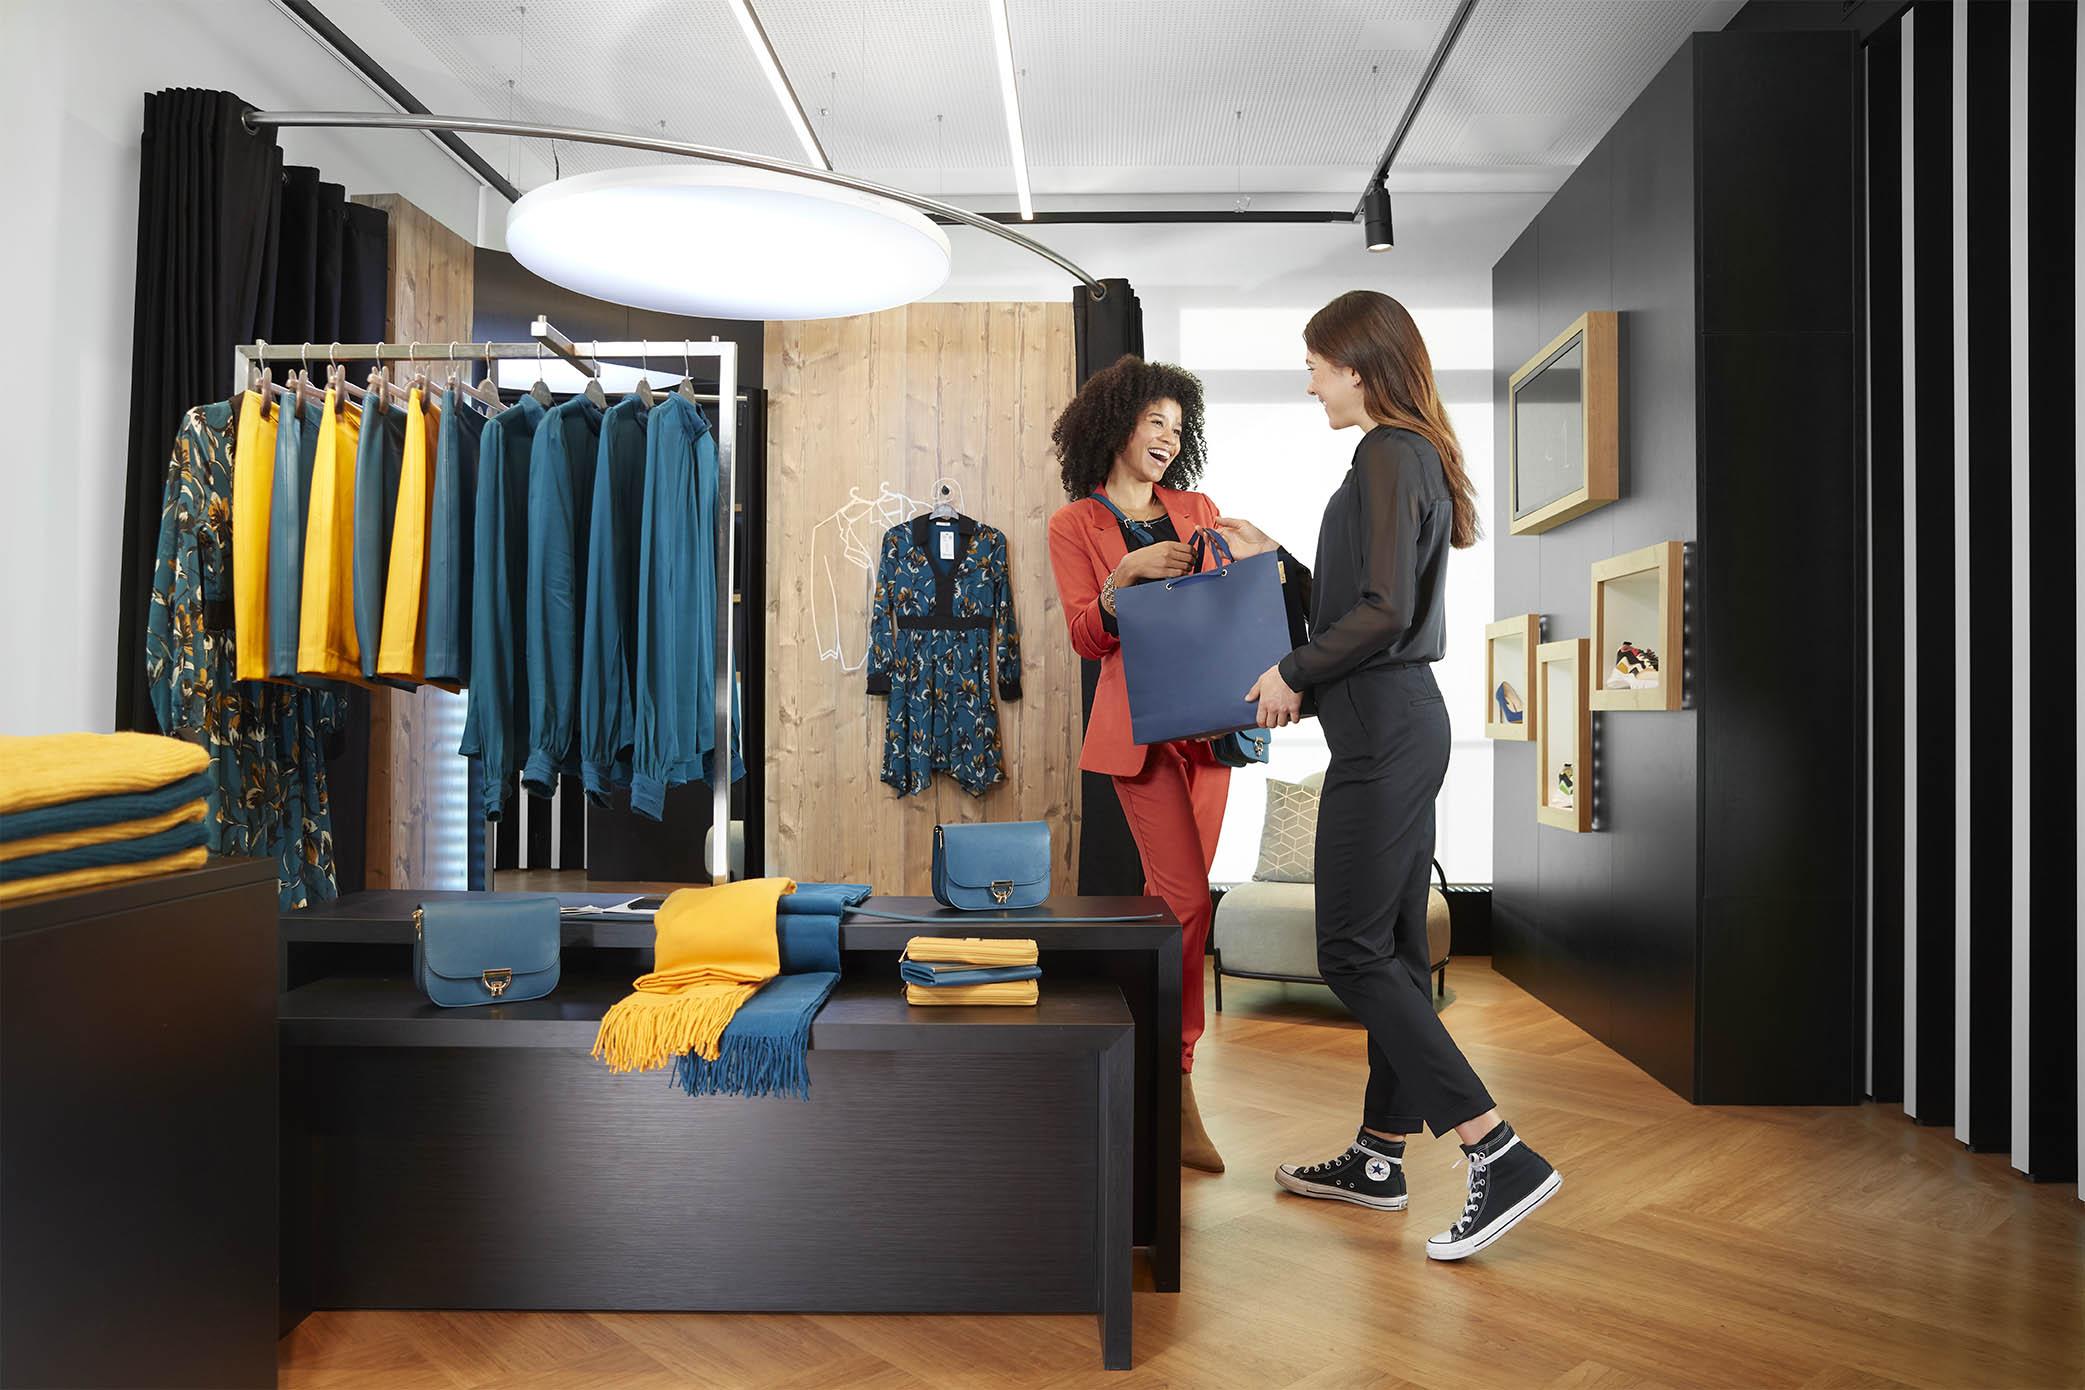 Verkäuferin übergibt Kundin eine Tasche mit ihren Omnichannel-Einkäufen